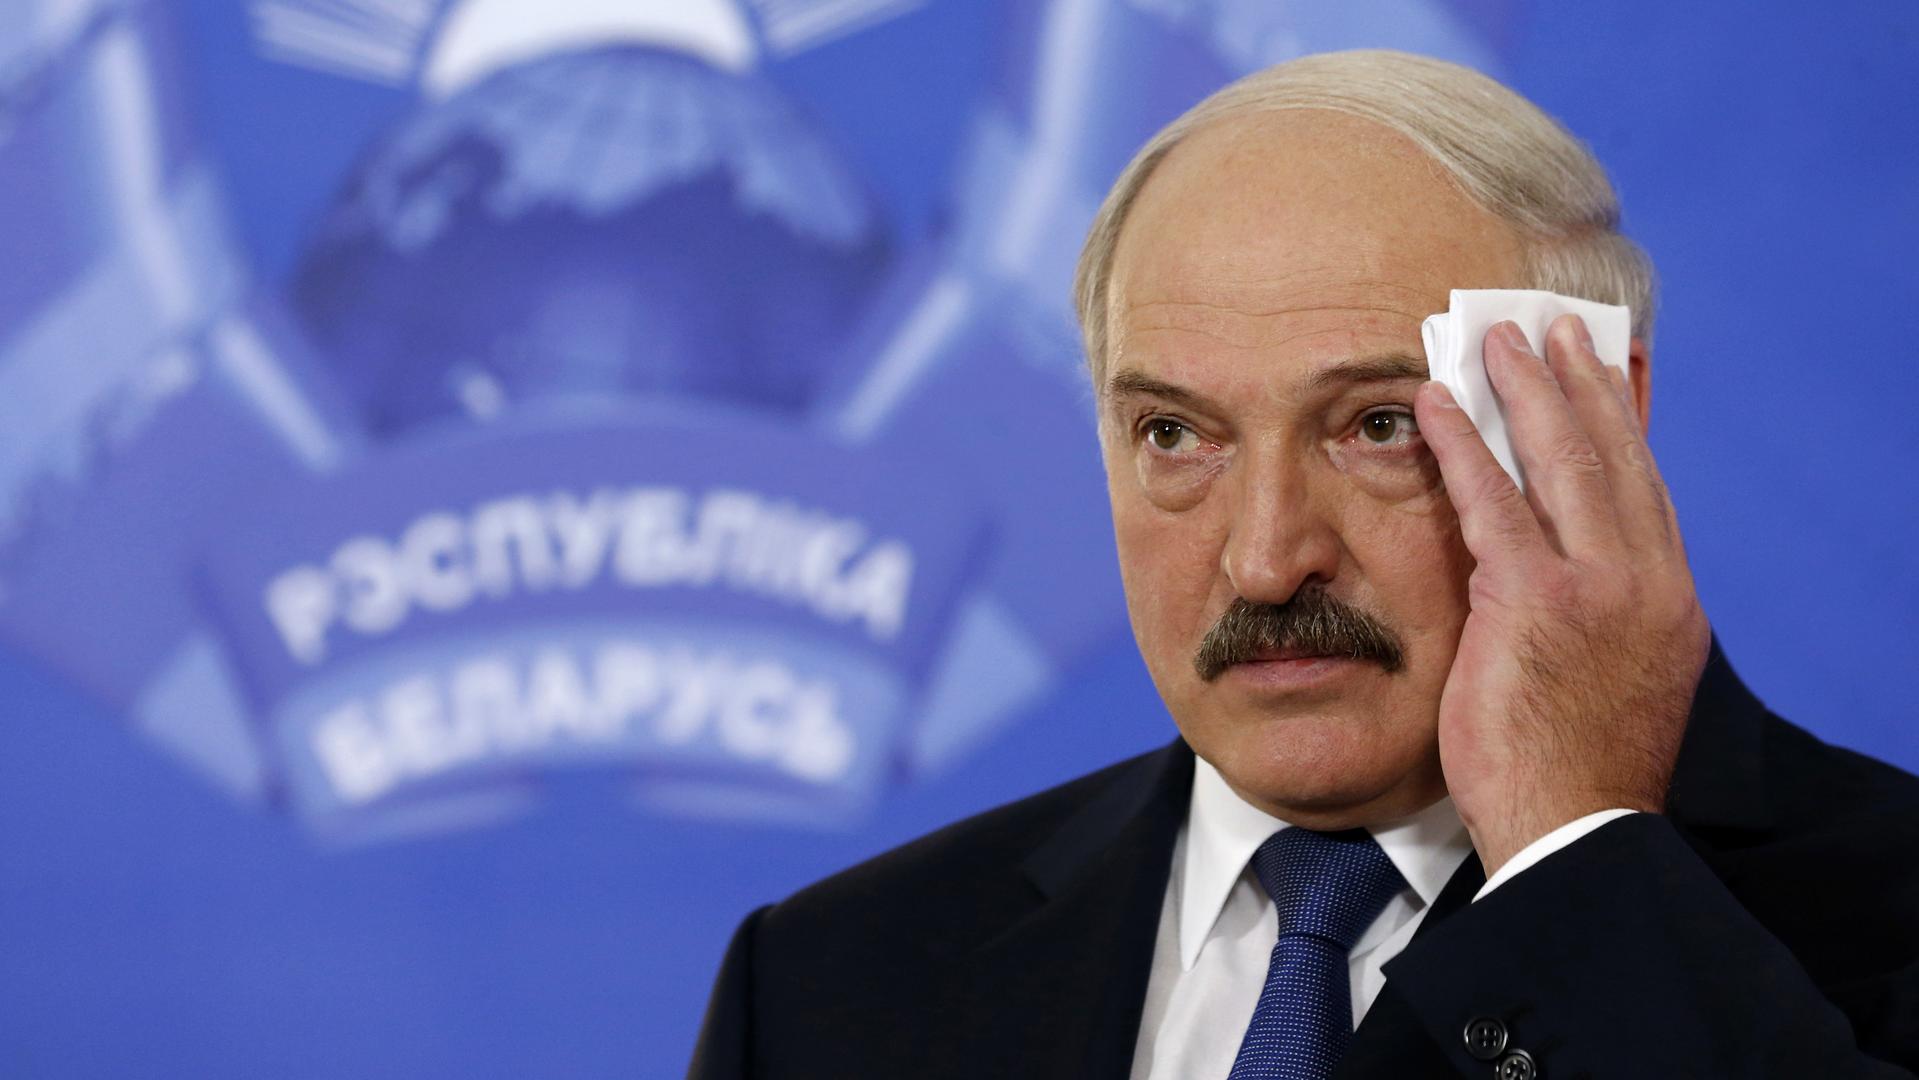 Народ в помощь: как Минск будет погашать многомиллиардные долги, разрывая отношения с МВФ